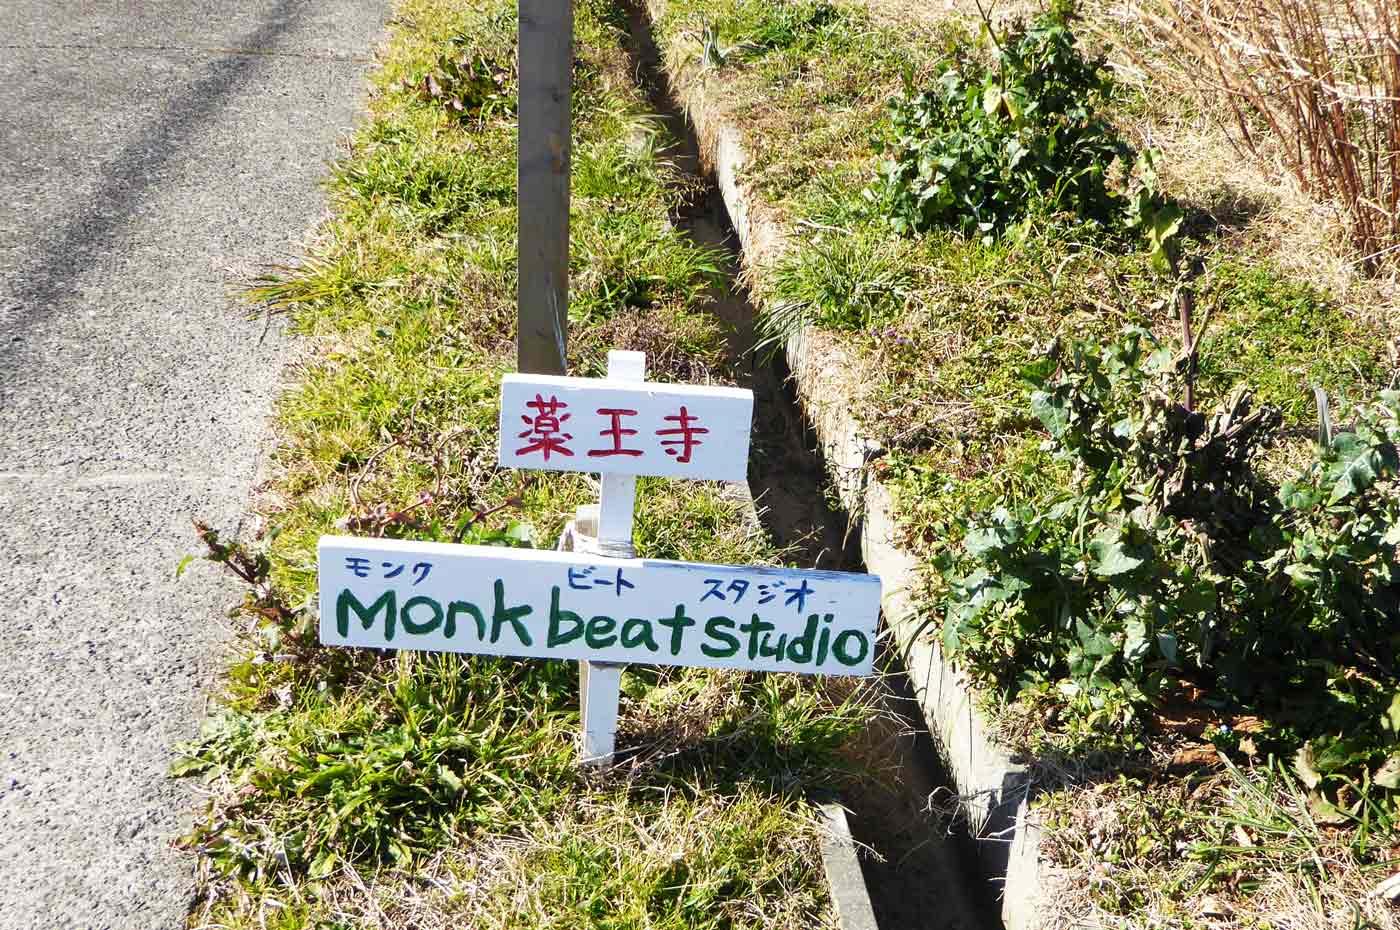 Monk beat studioの看板画像